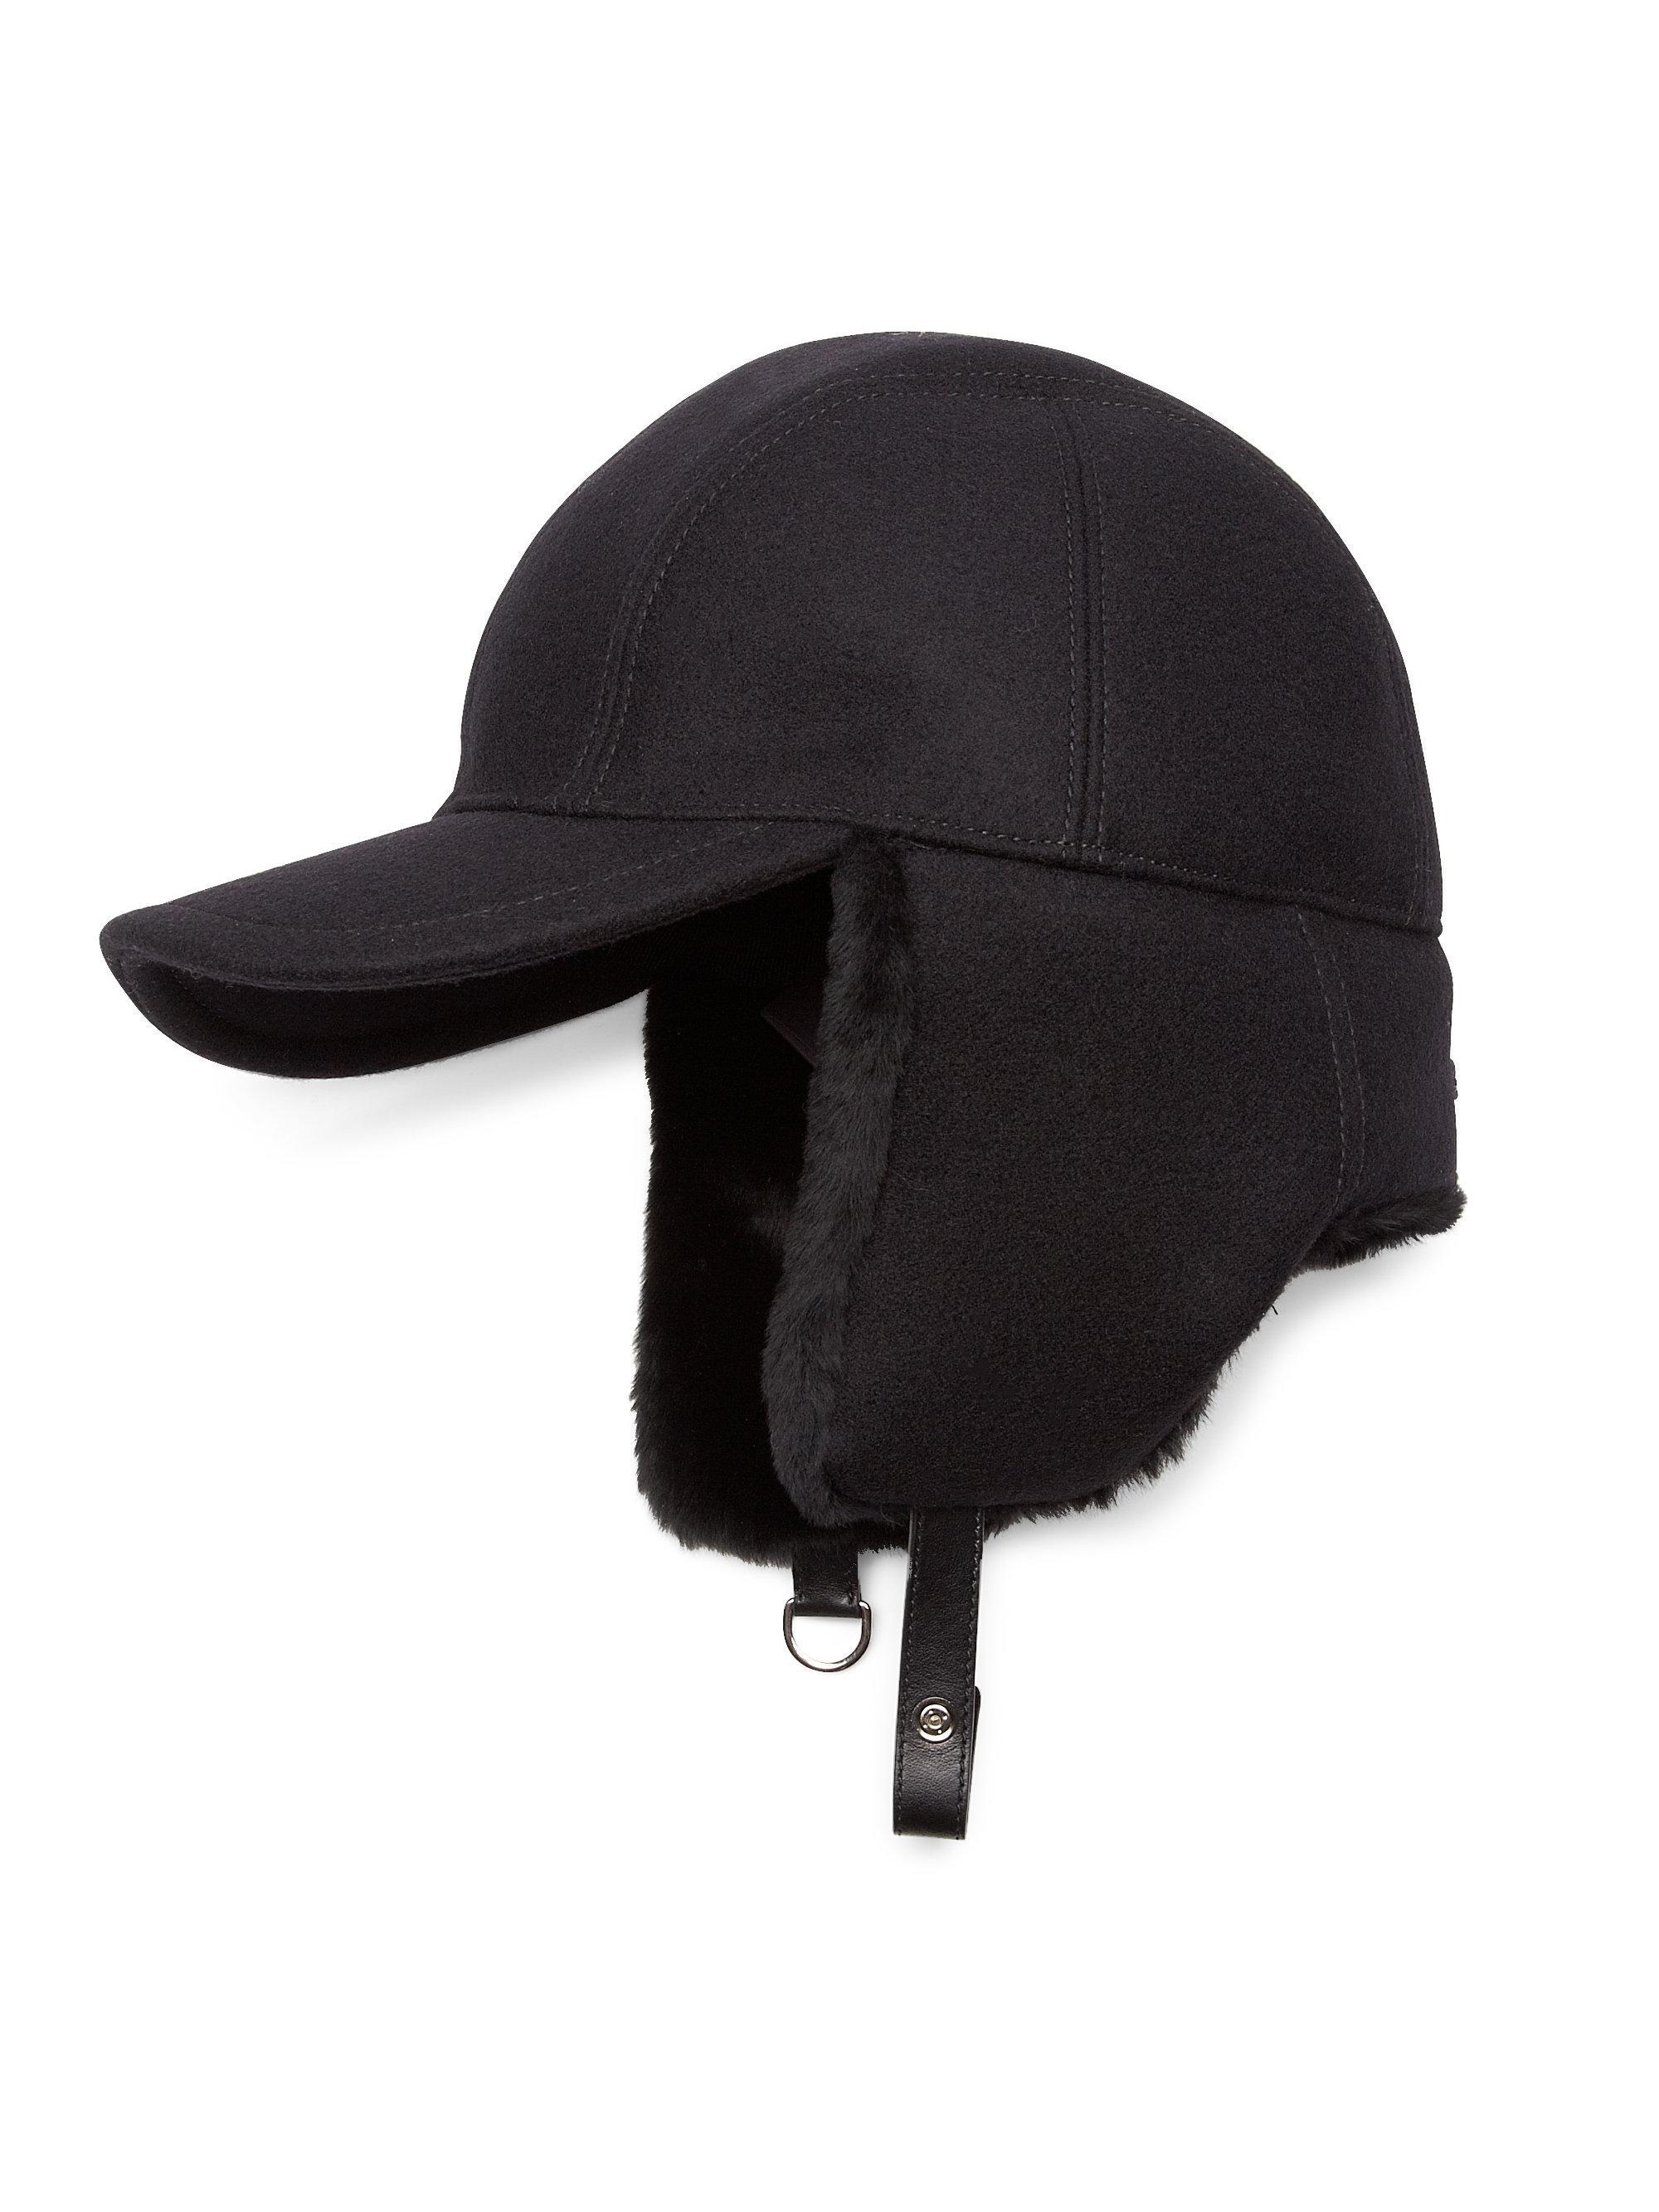 611075264ca Lyst - Prada Cappelli Shearling-lined Wool Cap for Men